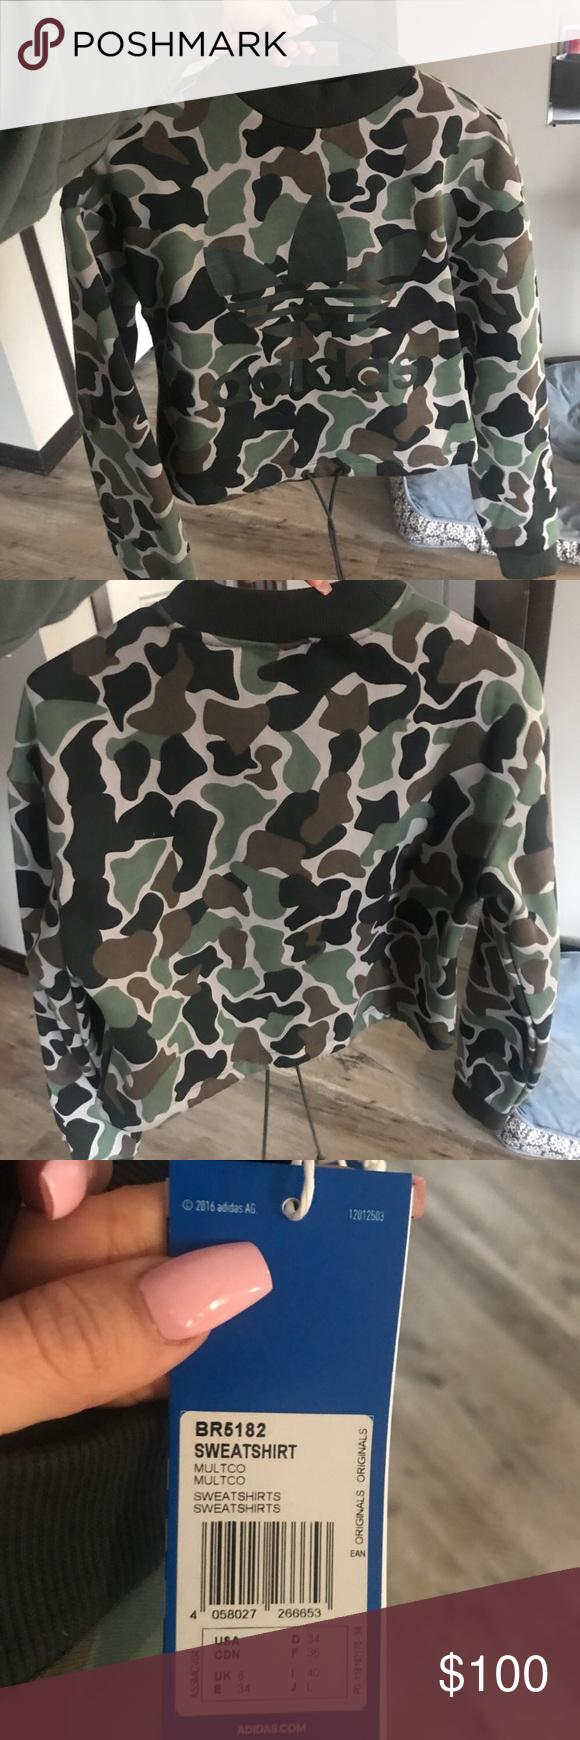 Predownload: Must Go Today Adidas Camo Crop Drawstring Hoodie Adidas Camo Cropped Hoodie Hoodies [ 1740 x 580 Pixel ]